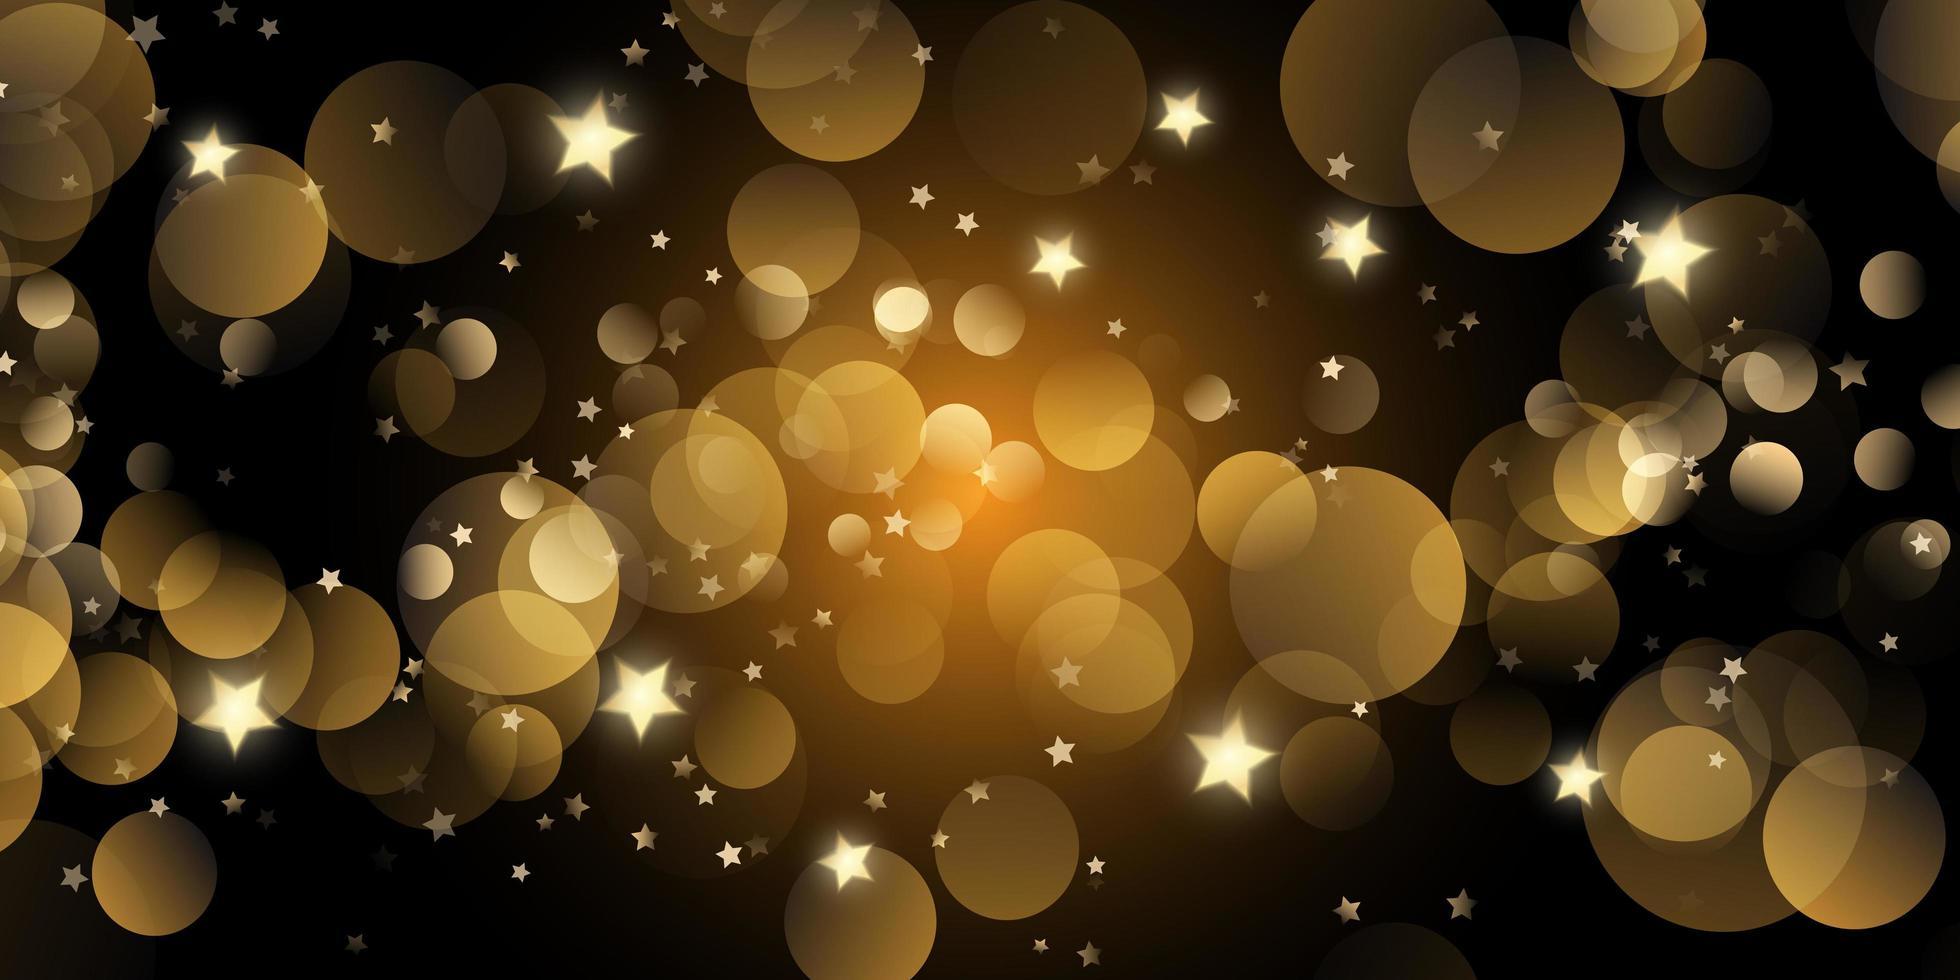 bannière de noël avec des lumières bokeh et des étoiles vecteur